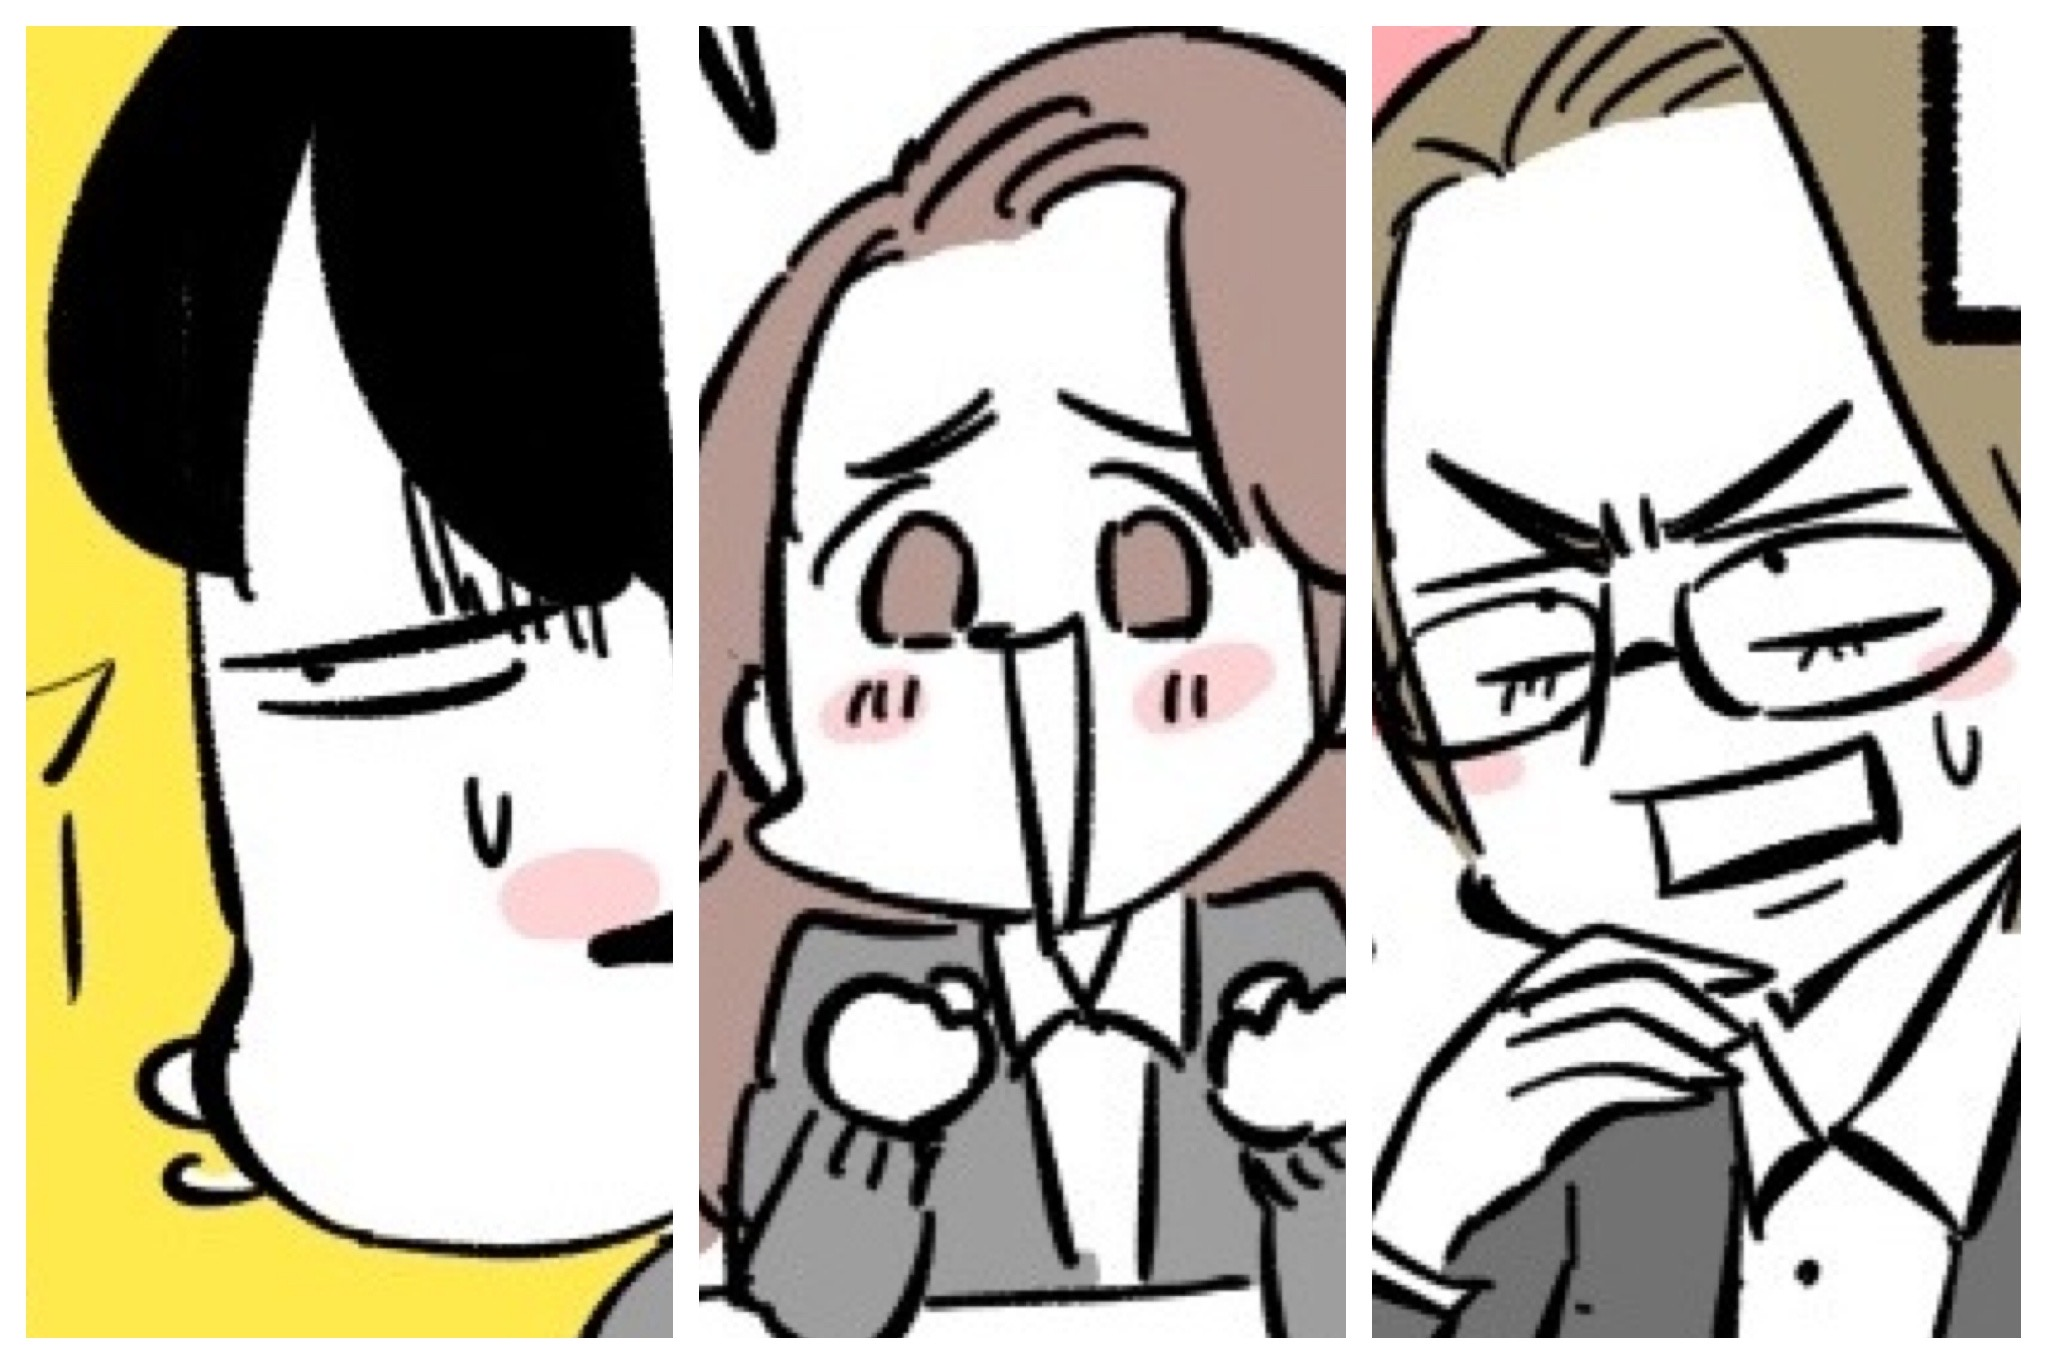 左から、だら先輩、ギャルちゃん、ピカ子(漫画:若林杏樹)